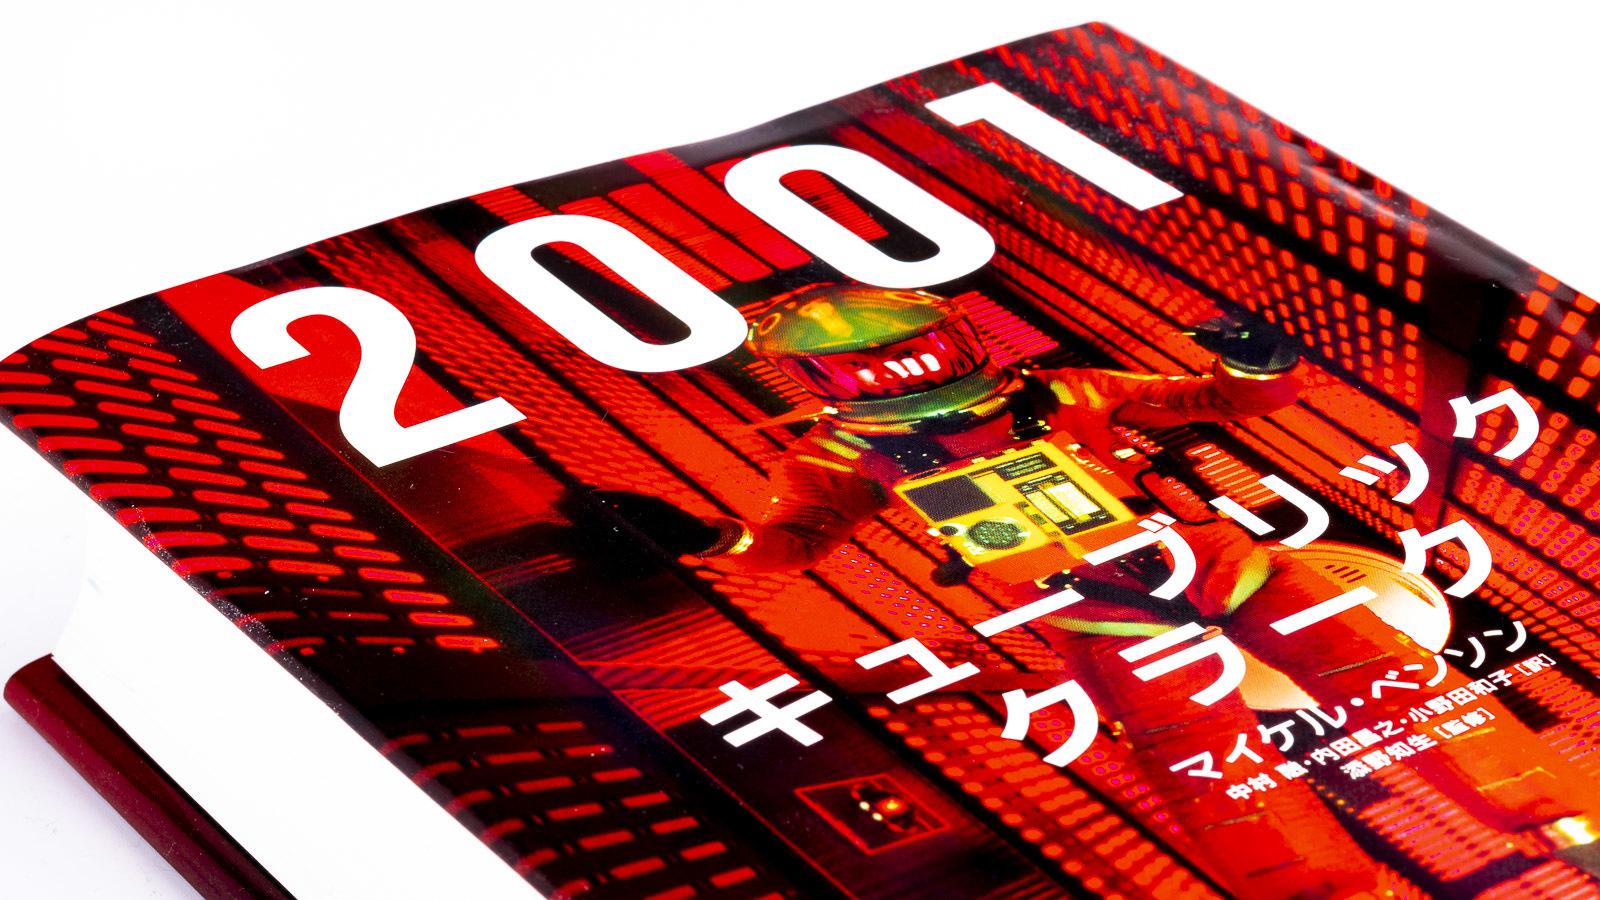 b0029315_20084534.jpg